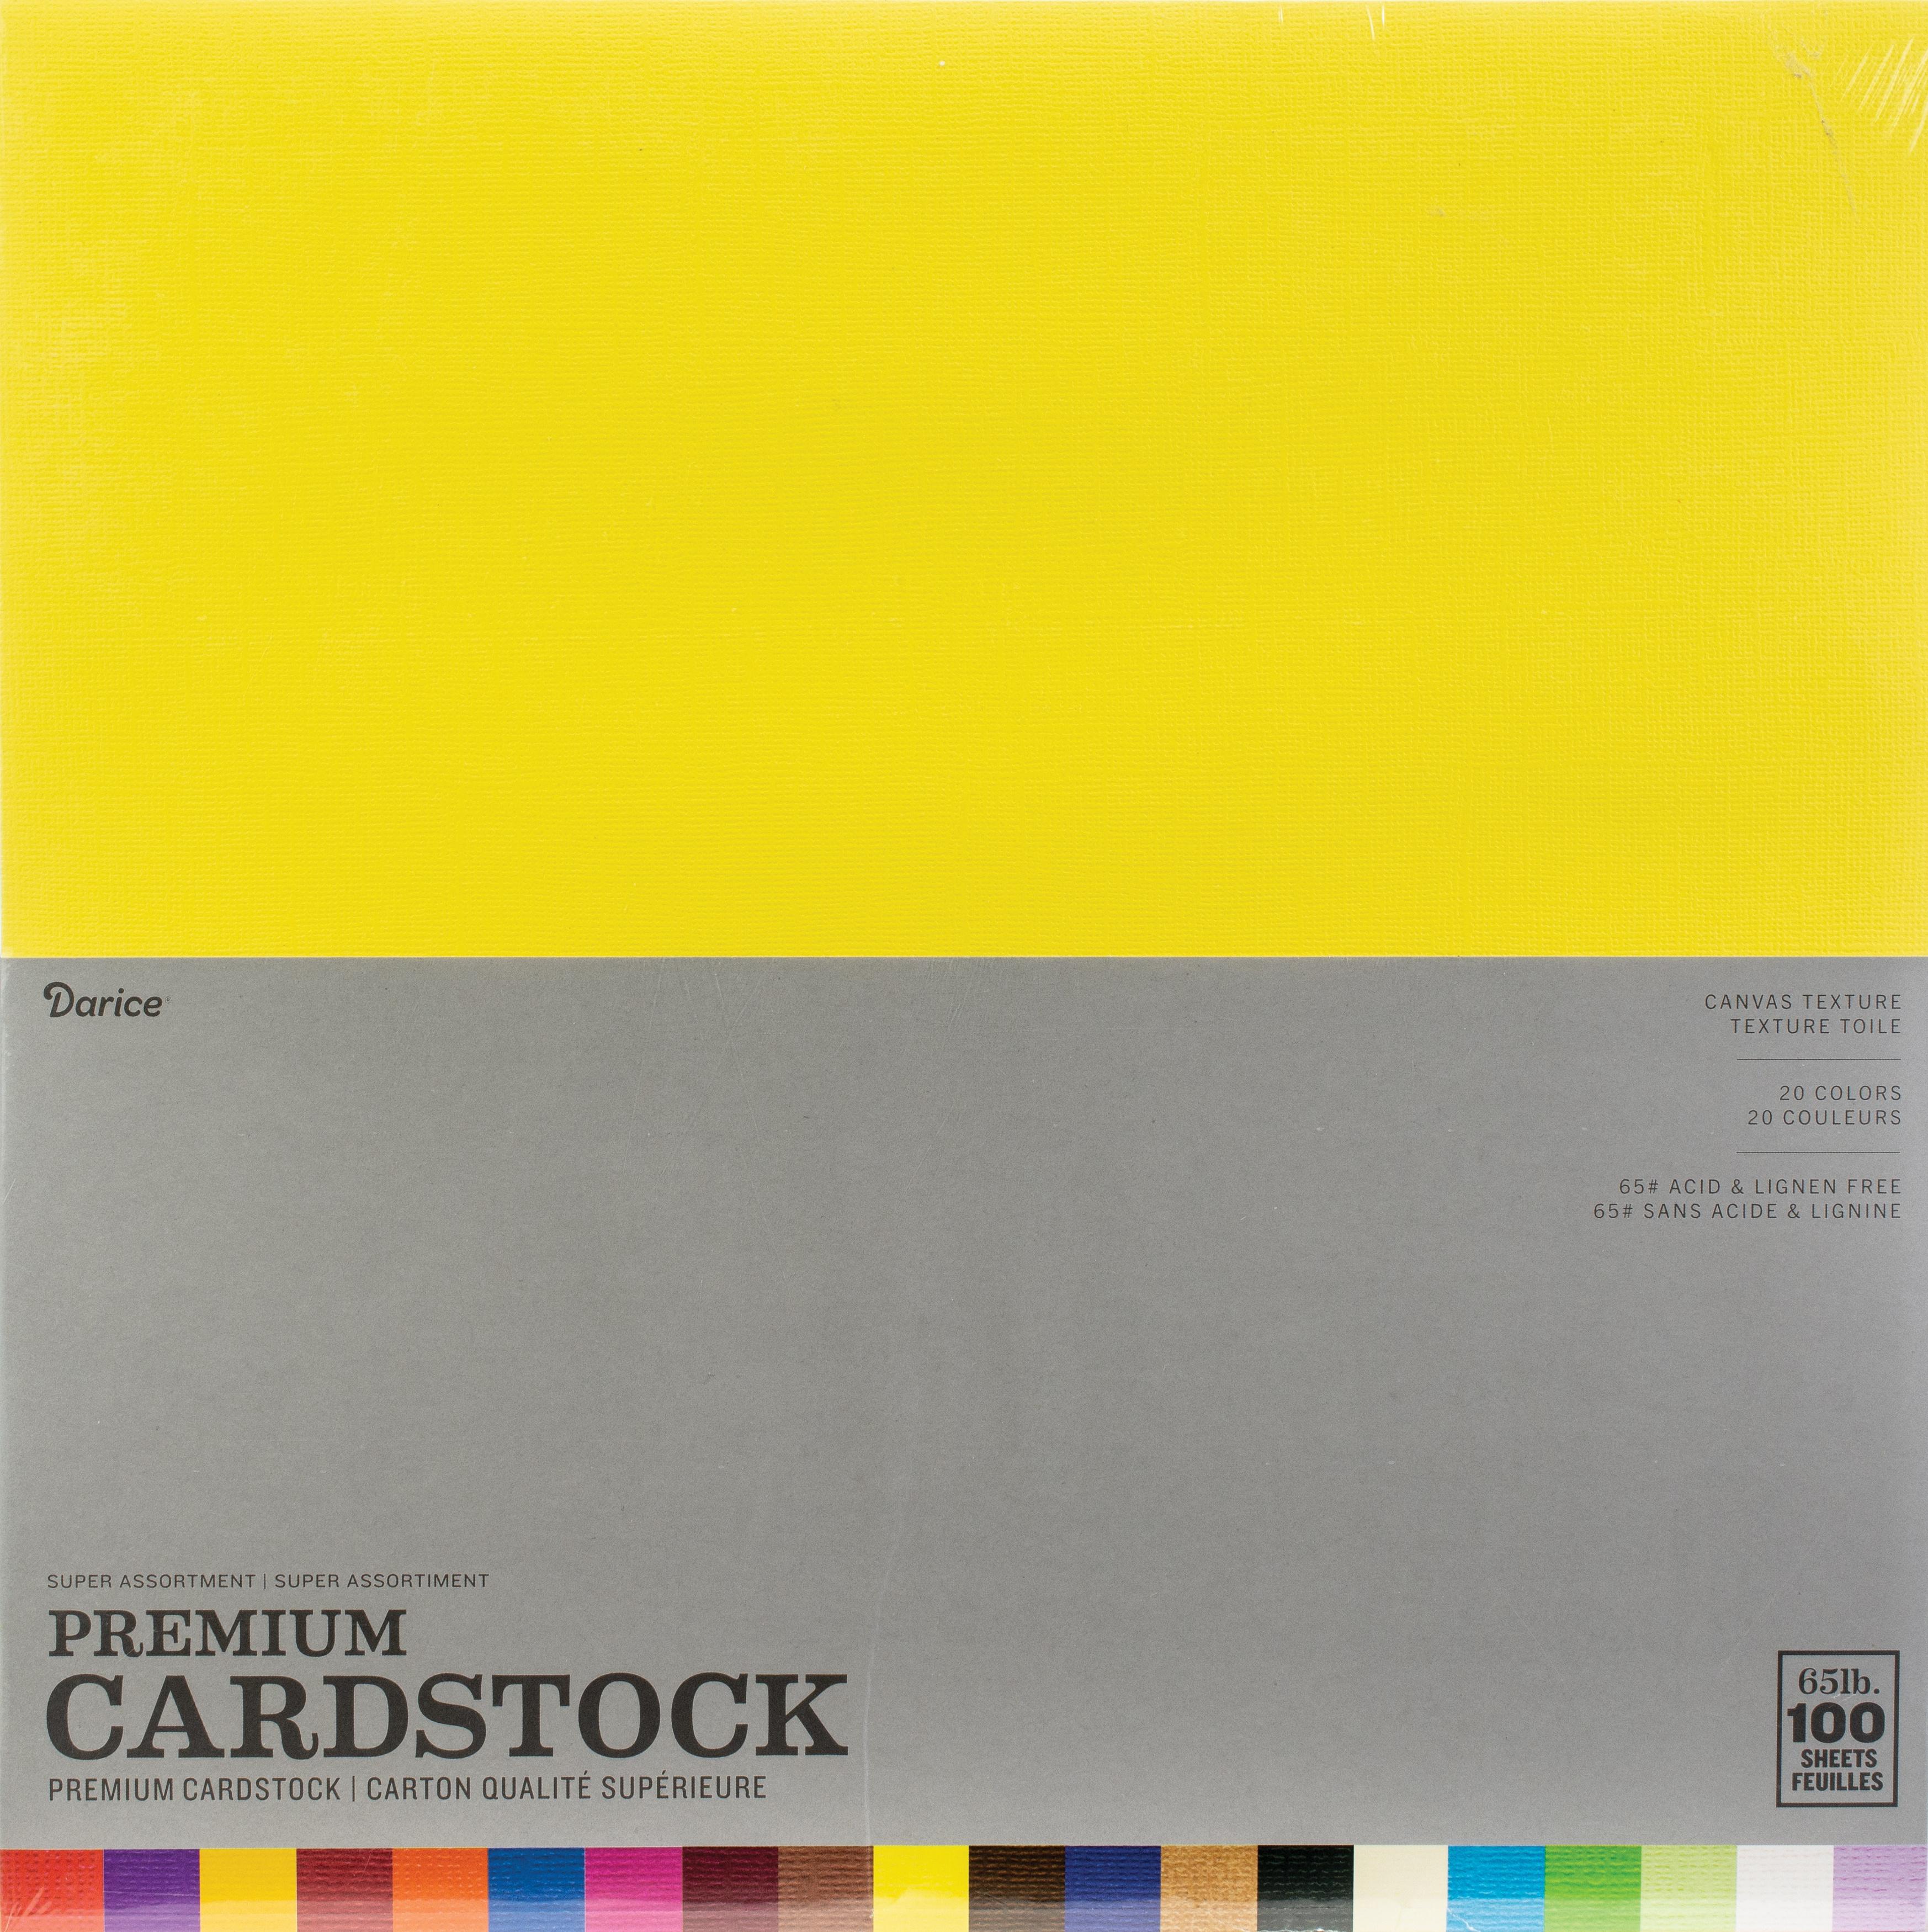 Darice Value Pack Canvas Cardstock 12X12 100/Pkg-Textured Super Assortment